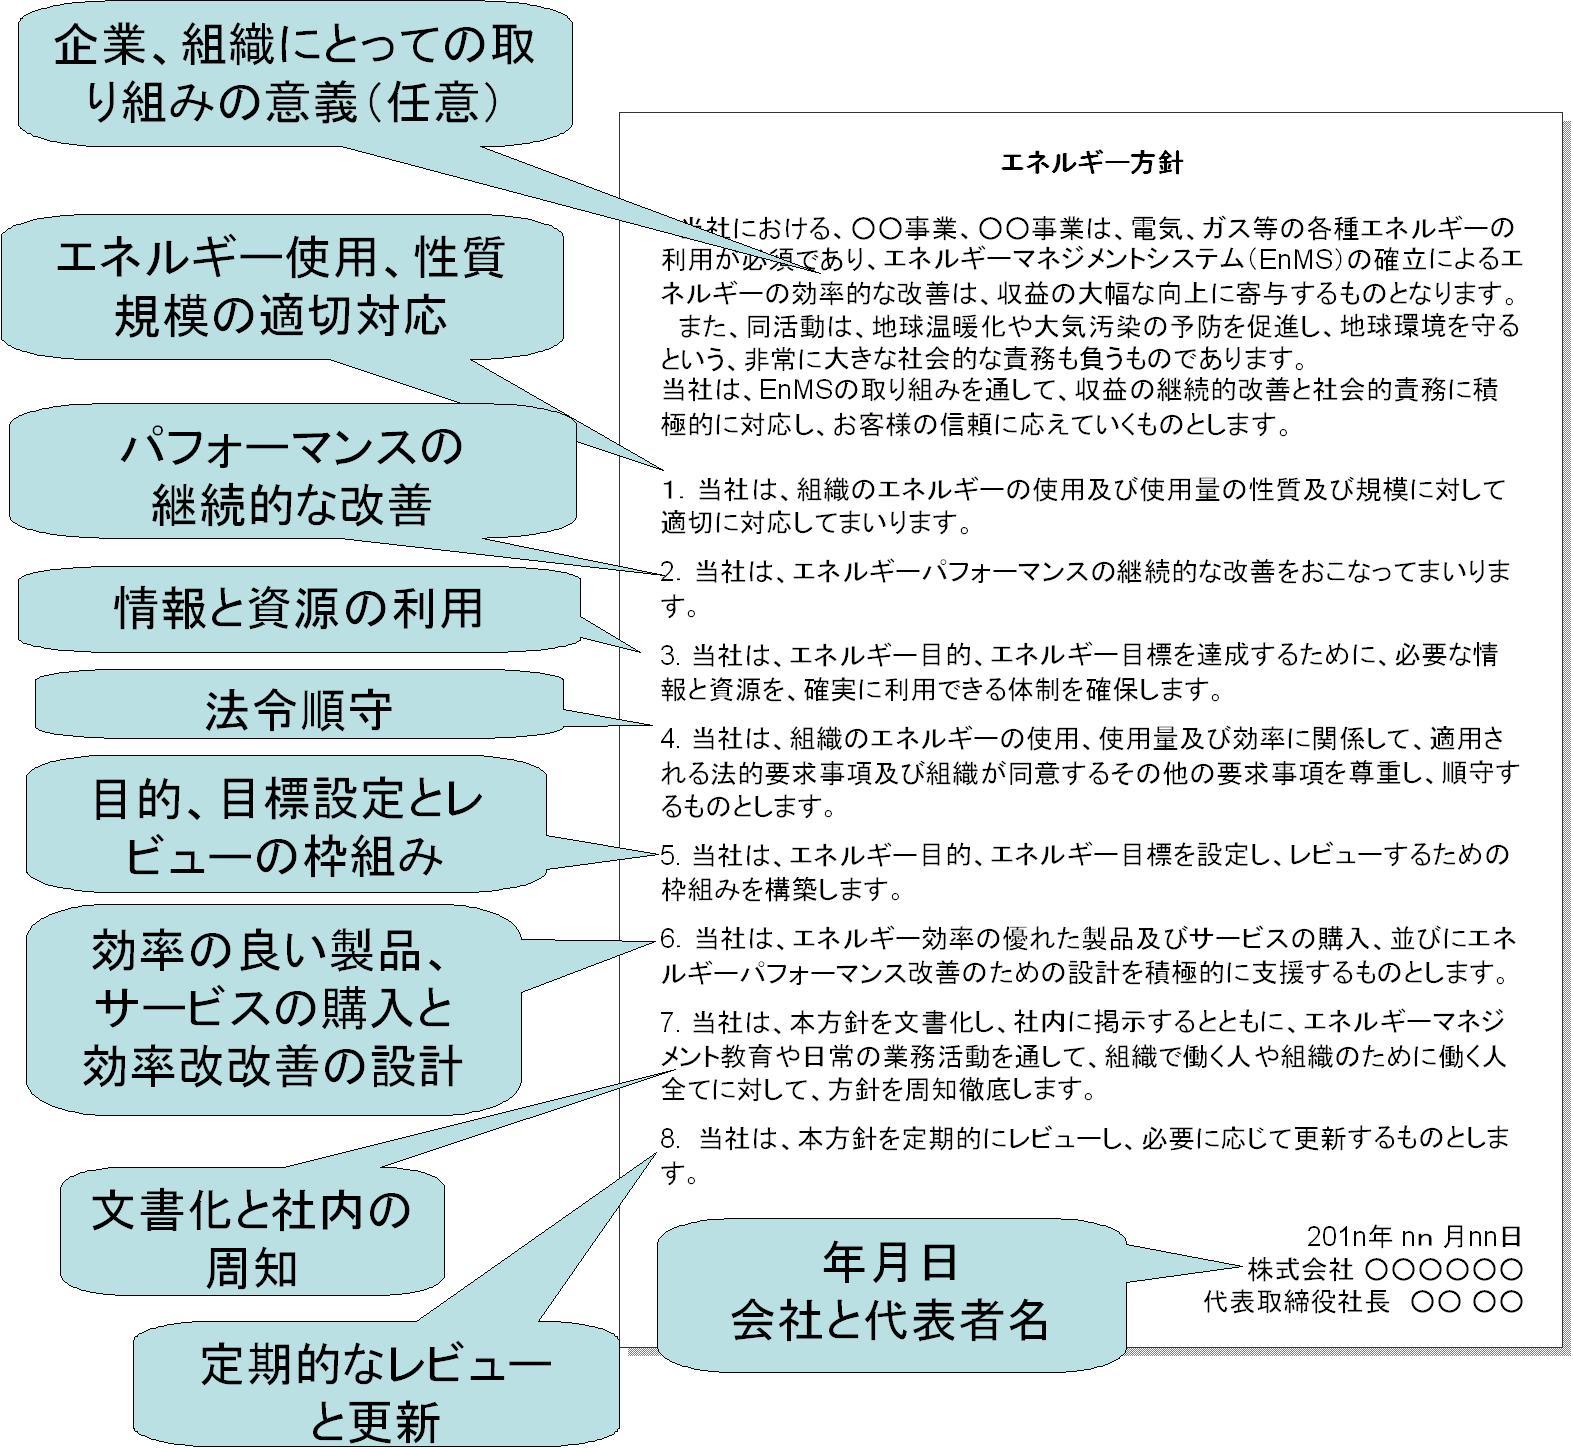 http://iso50001.jp/%E3%82%A8%E3%83%8D%E3%83%AB%E3%82%AE%E3%83%BC%E6%96%B9%E9%87%9D%E8%AA%AC%E6%98%8E%E5%85%A52.JPG